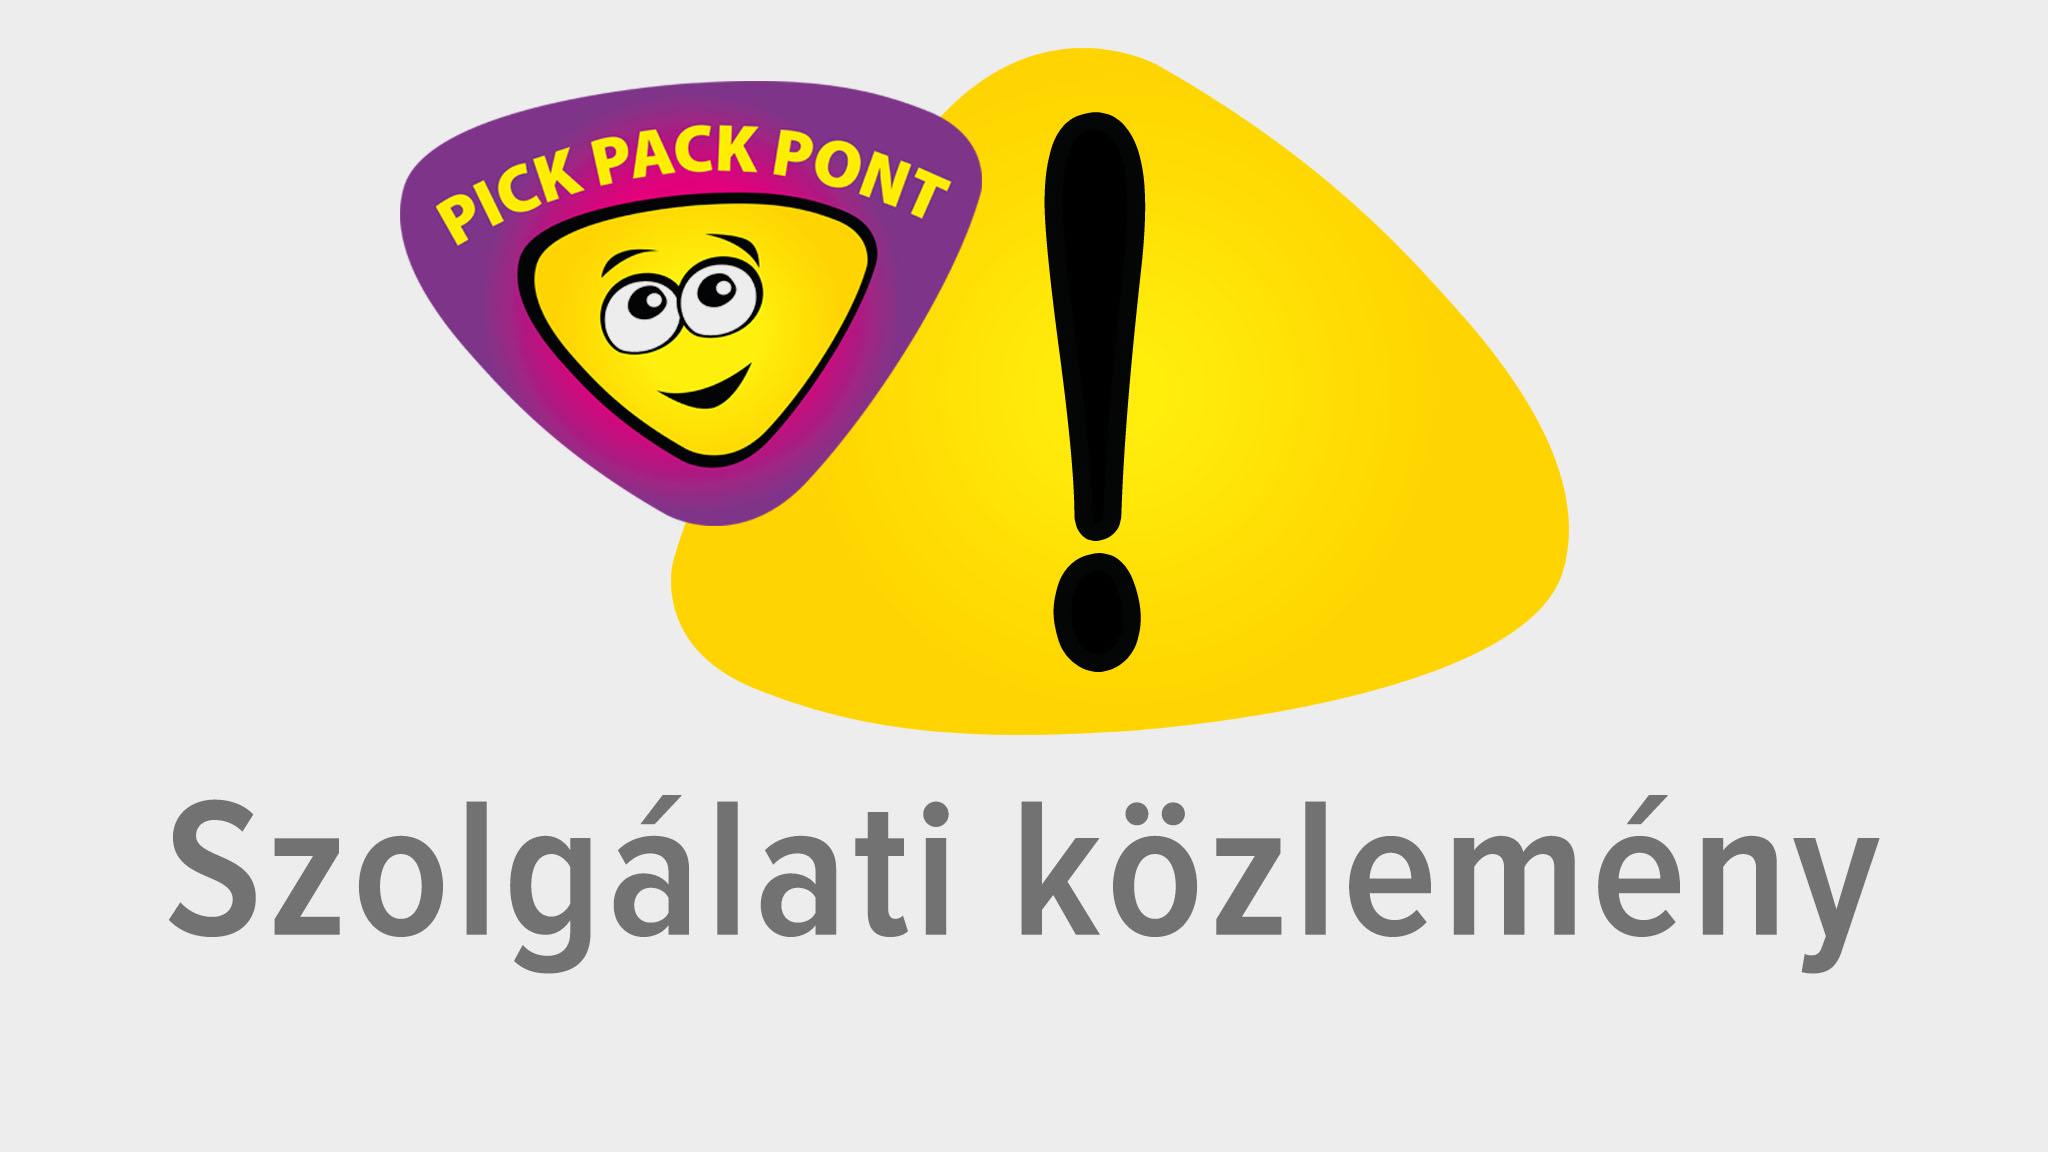 ppp_cikk_szk